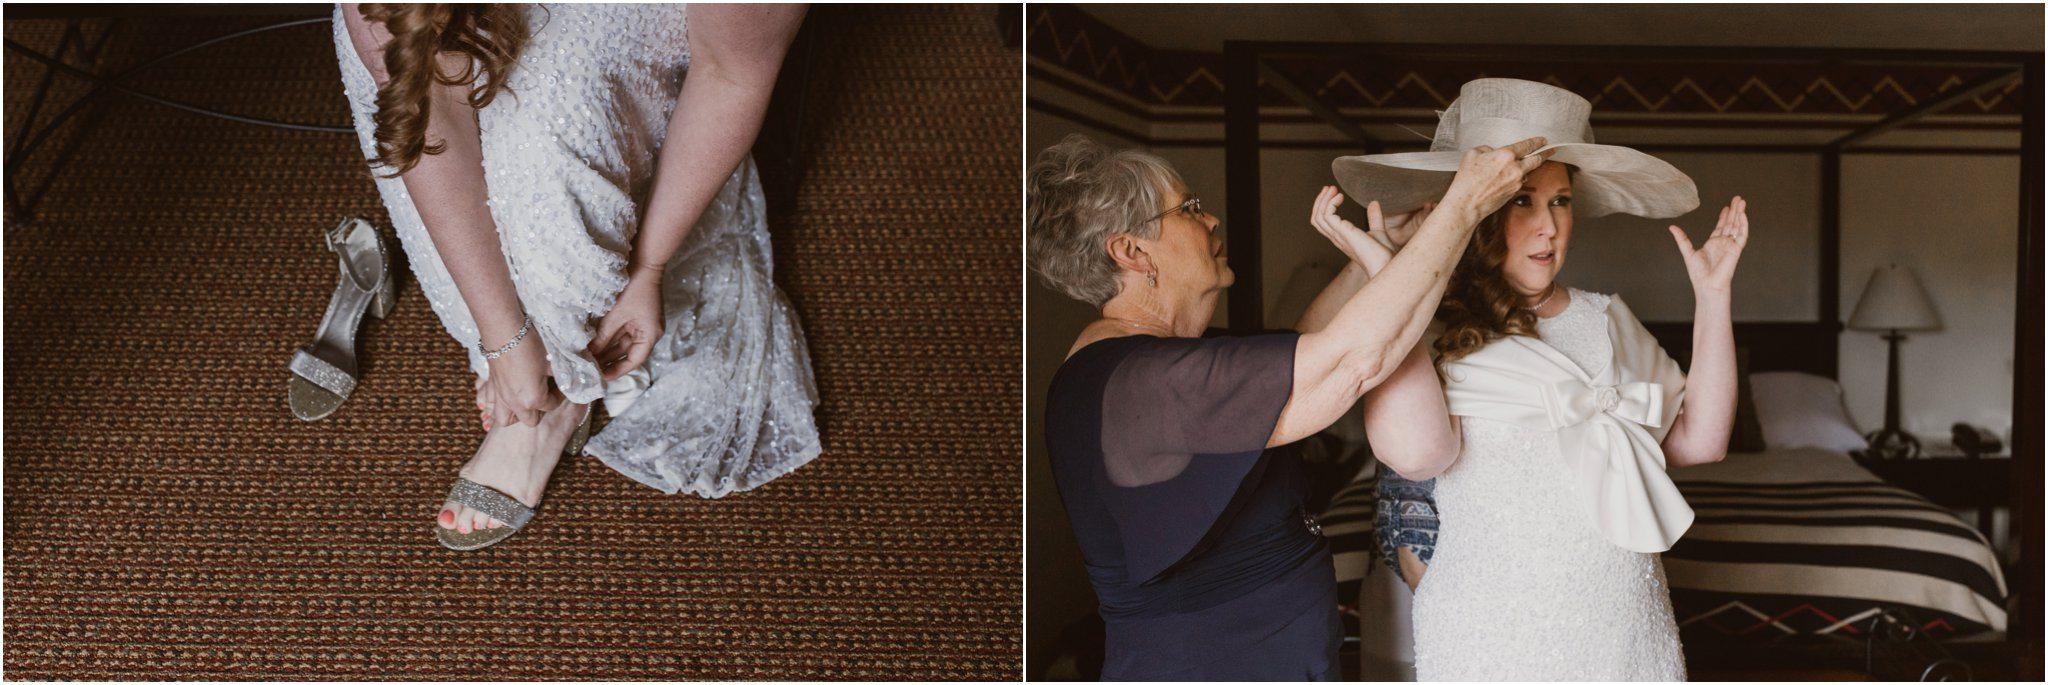 0186Albuquerque Wedding Photographer _ Santa Fe Wedding Photographer _ Wedding Photographers _ New Mexico Wedding Photography